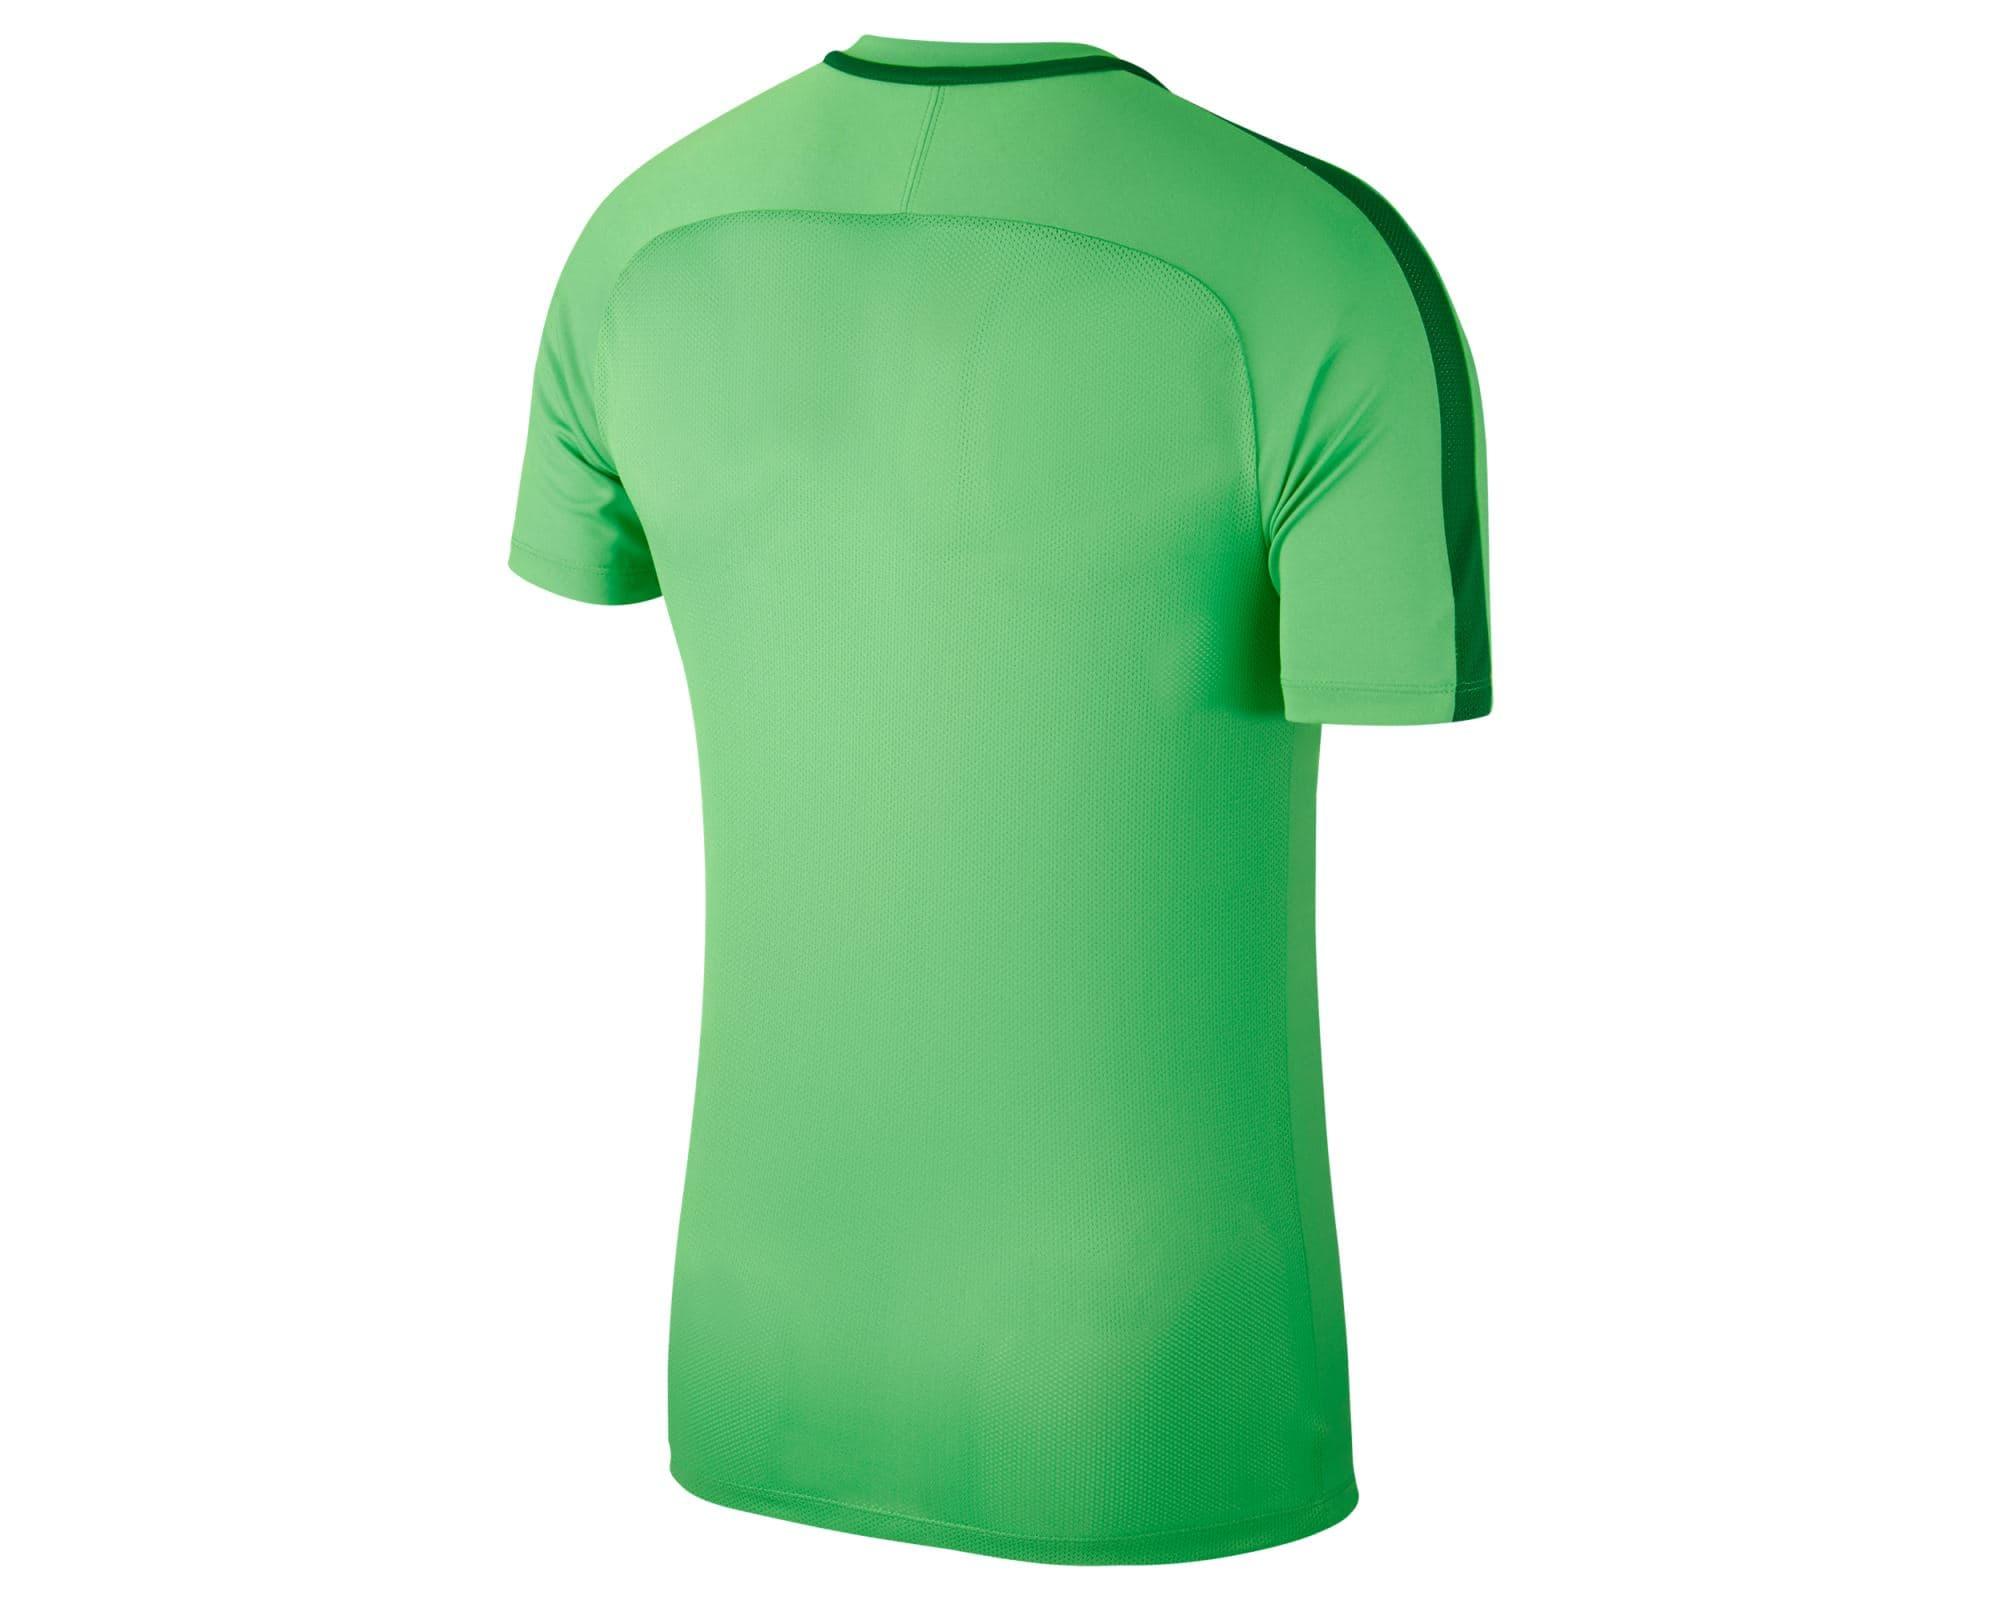 Dry Academy 18 Erkek Yeşil Spor Tişört (893693-361)